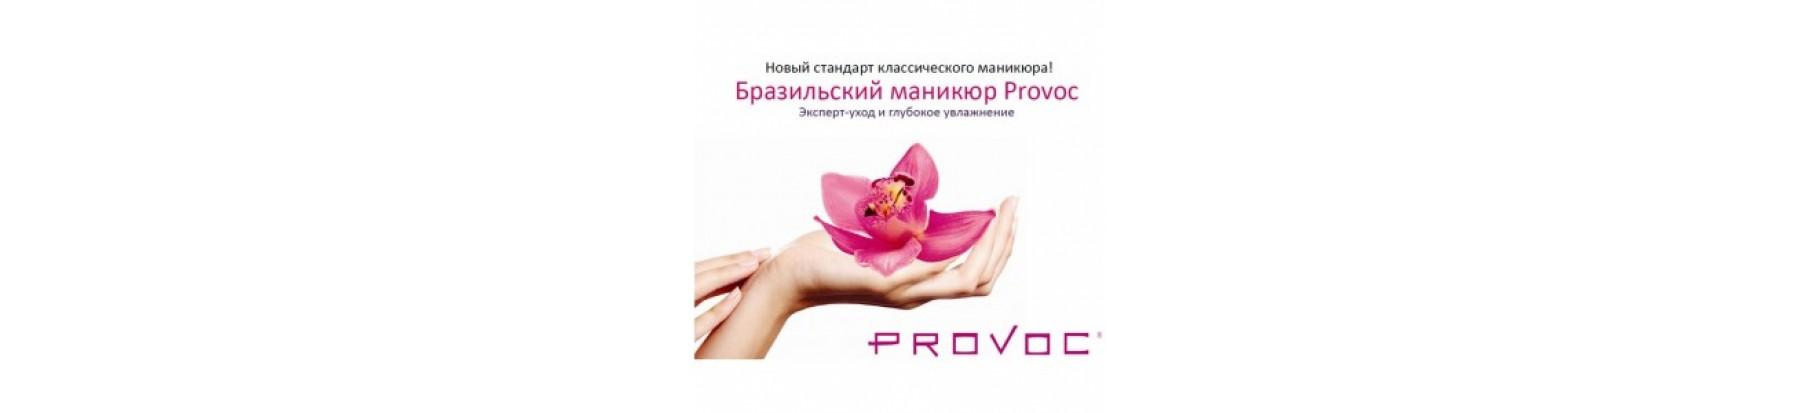 Provoc-бразильский маникюр и педикюр